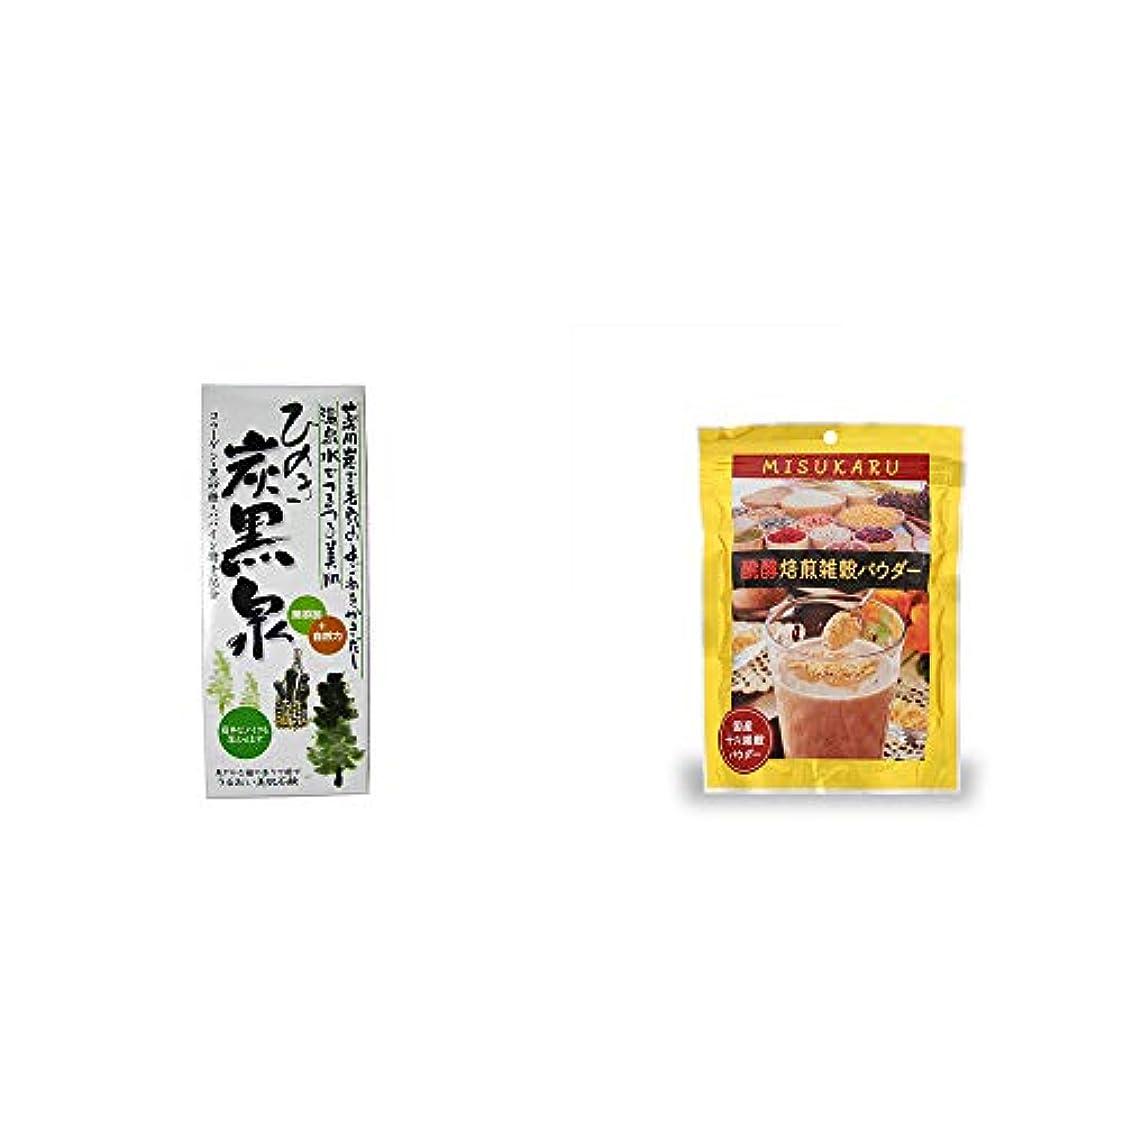 誤解する思いつくギャップ[2点セット] ひのき炭黒泉 箱入り(75g×3)?醗酵焙煎雑穀パウダー MISUKARU(ミスカル)(200g)